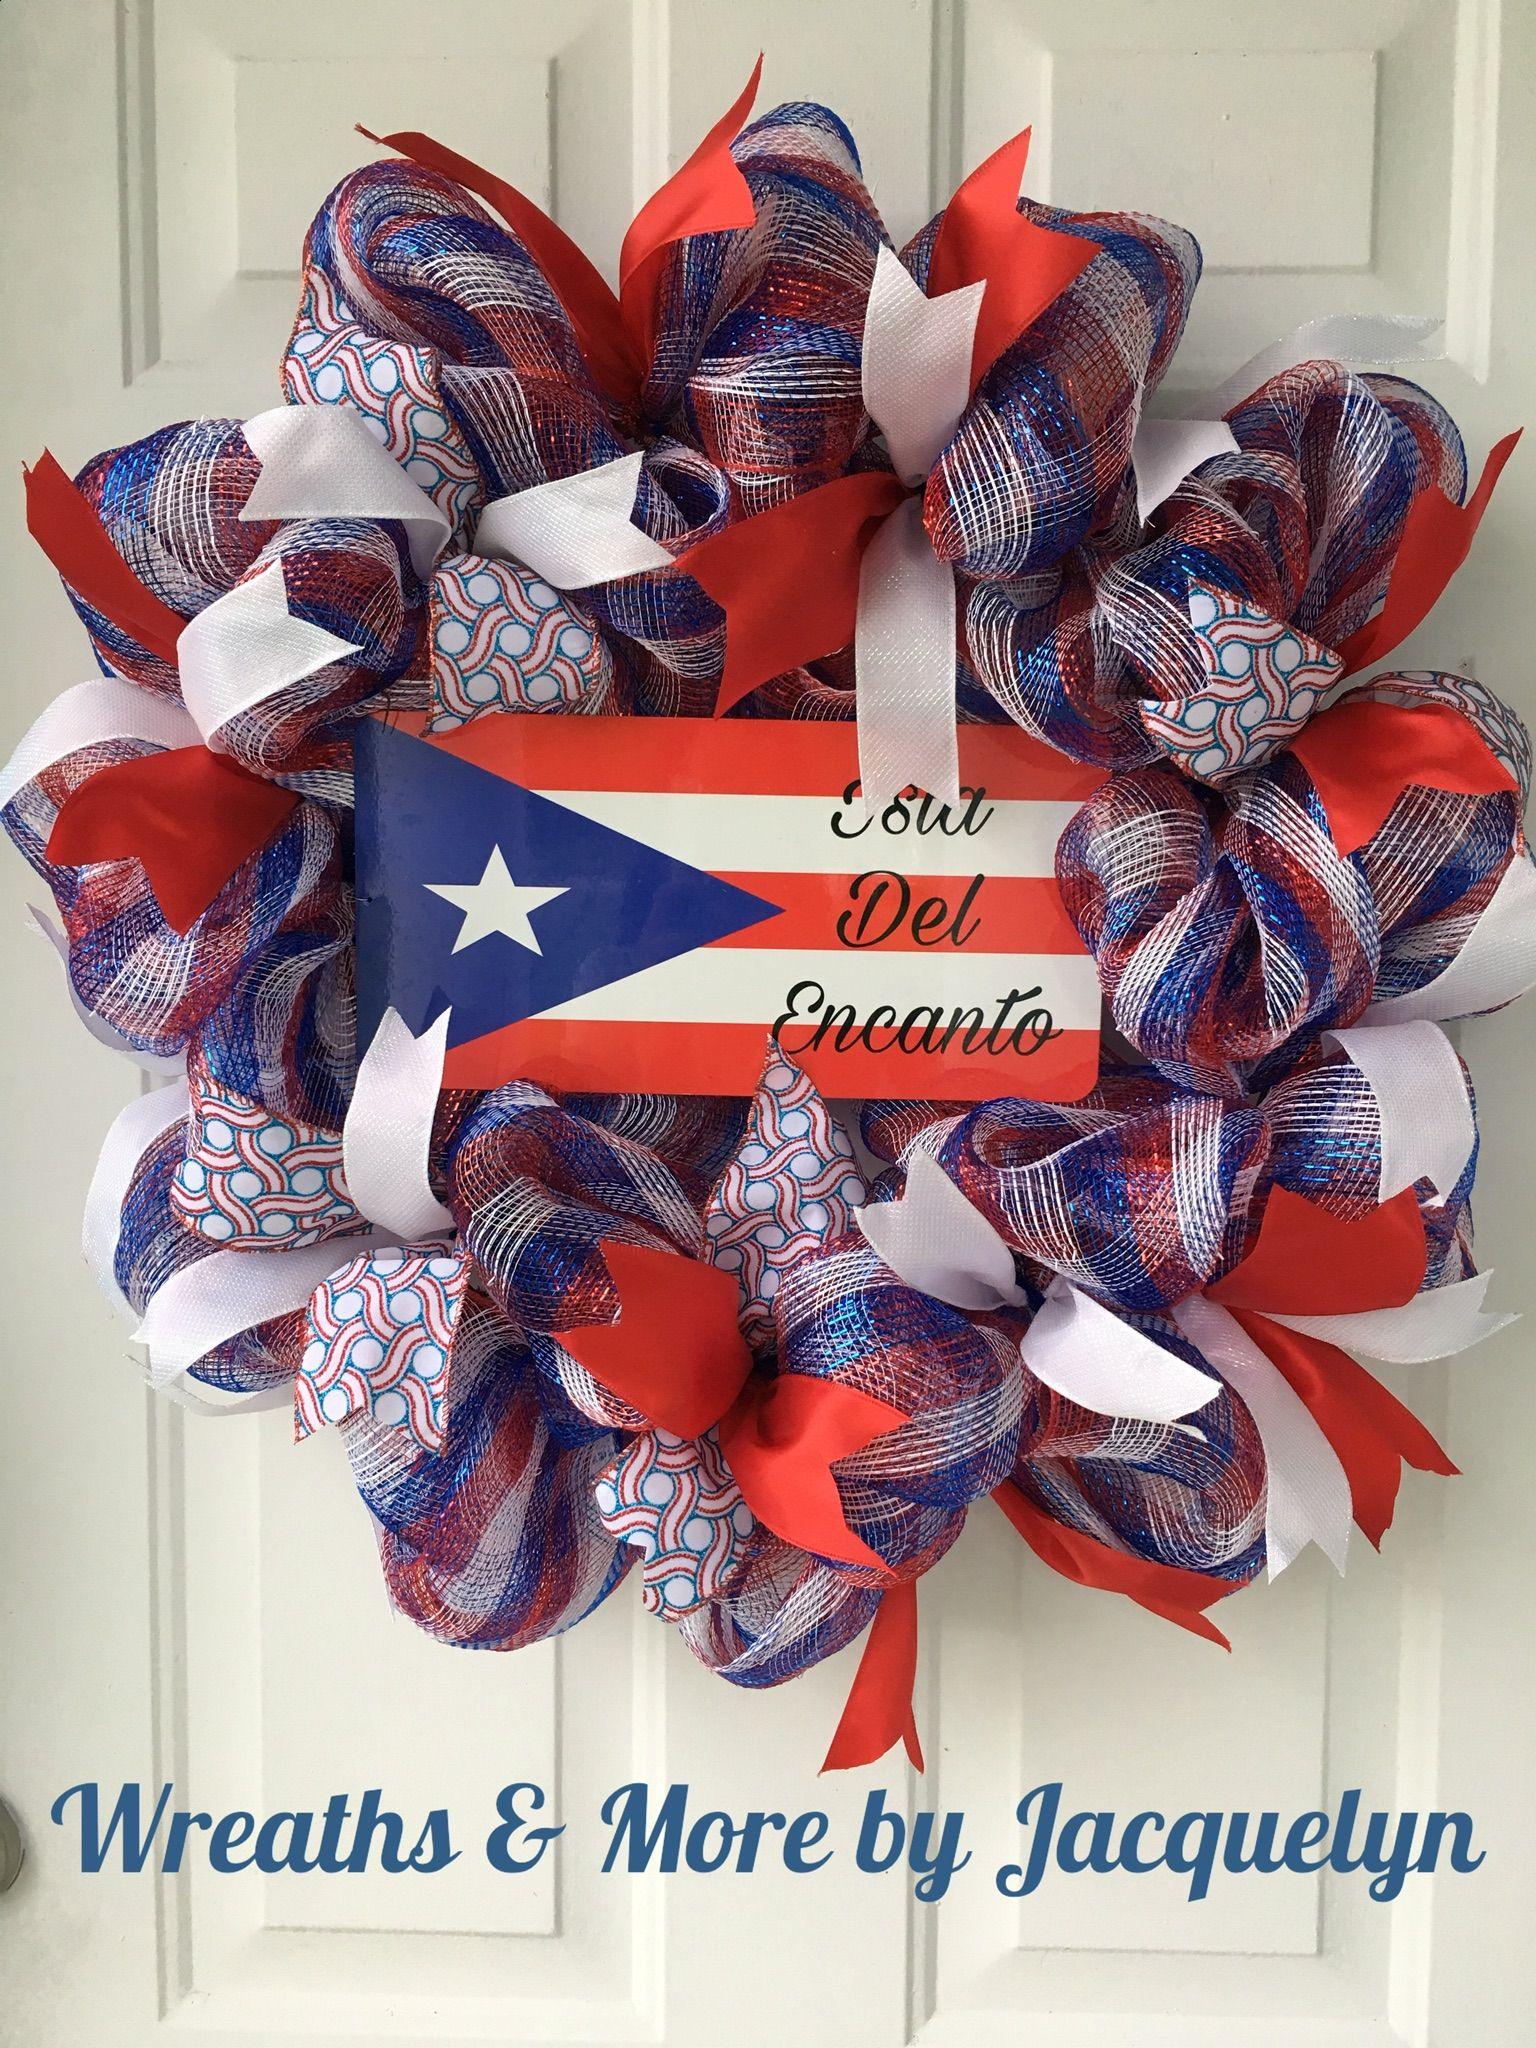 Puerto rico wreath puerto rico flag decorations ideas corona de puerto rico boricua isla del encanto puerto rico home decor decoraciones de puerto